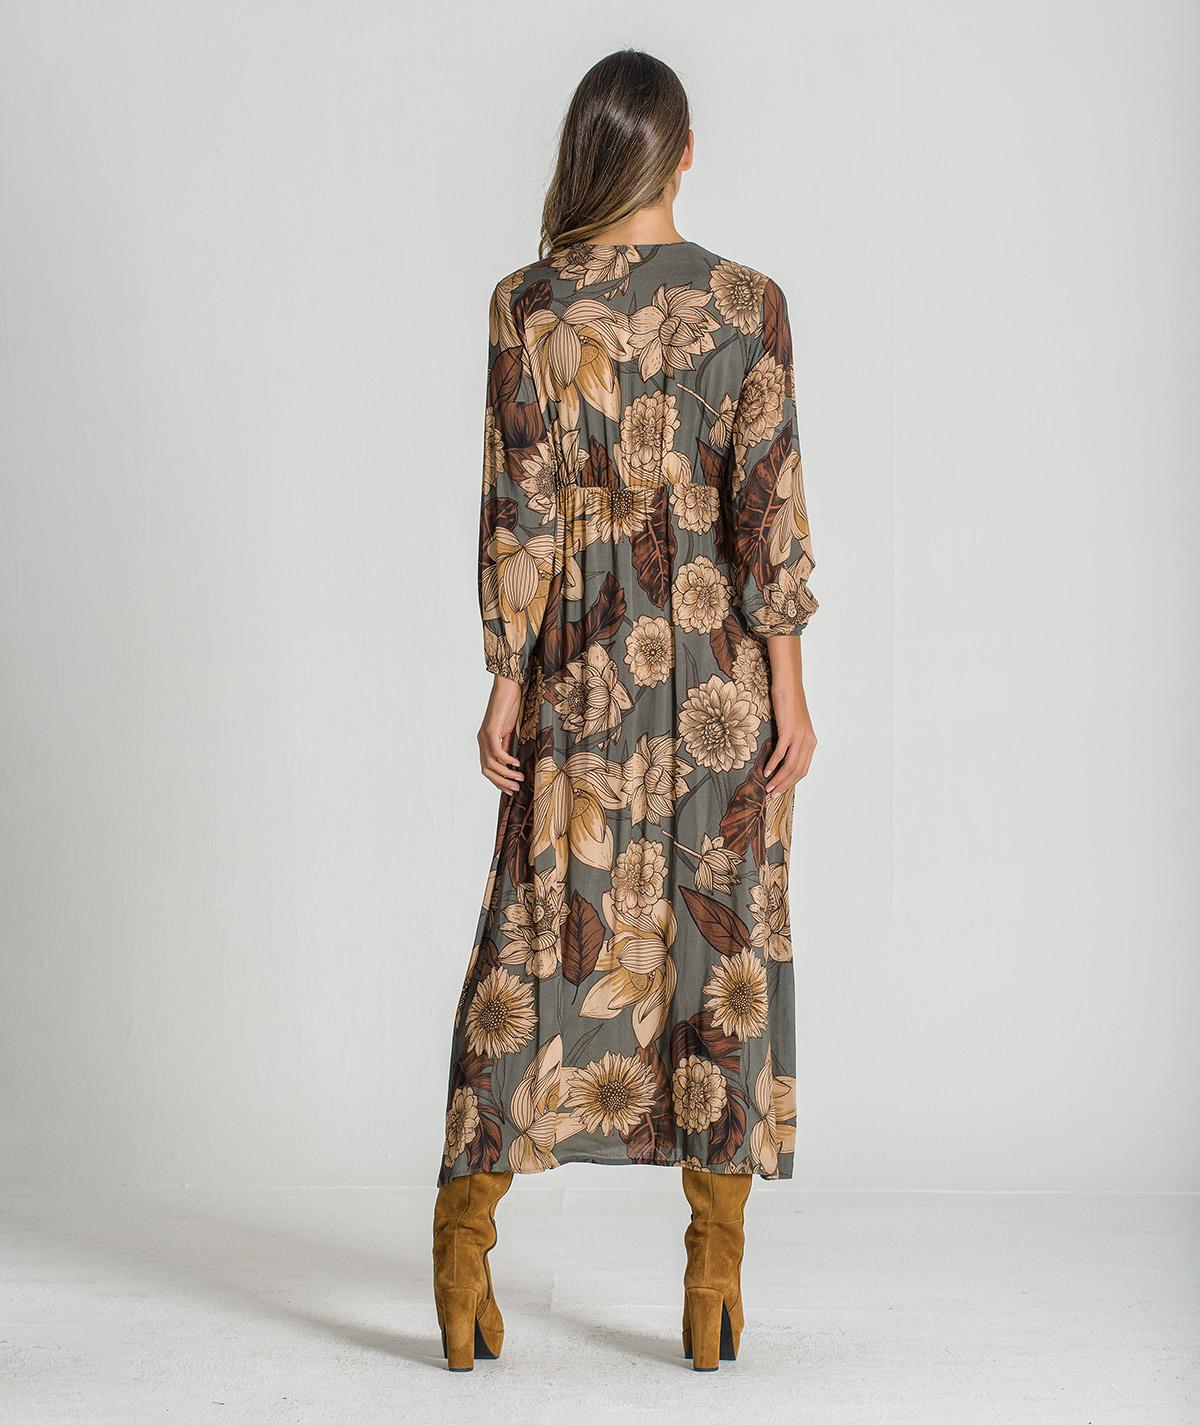 Ruga Vestido 2903